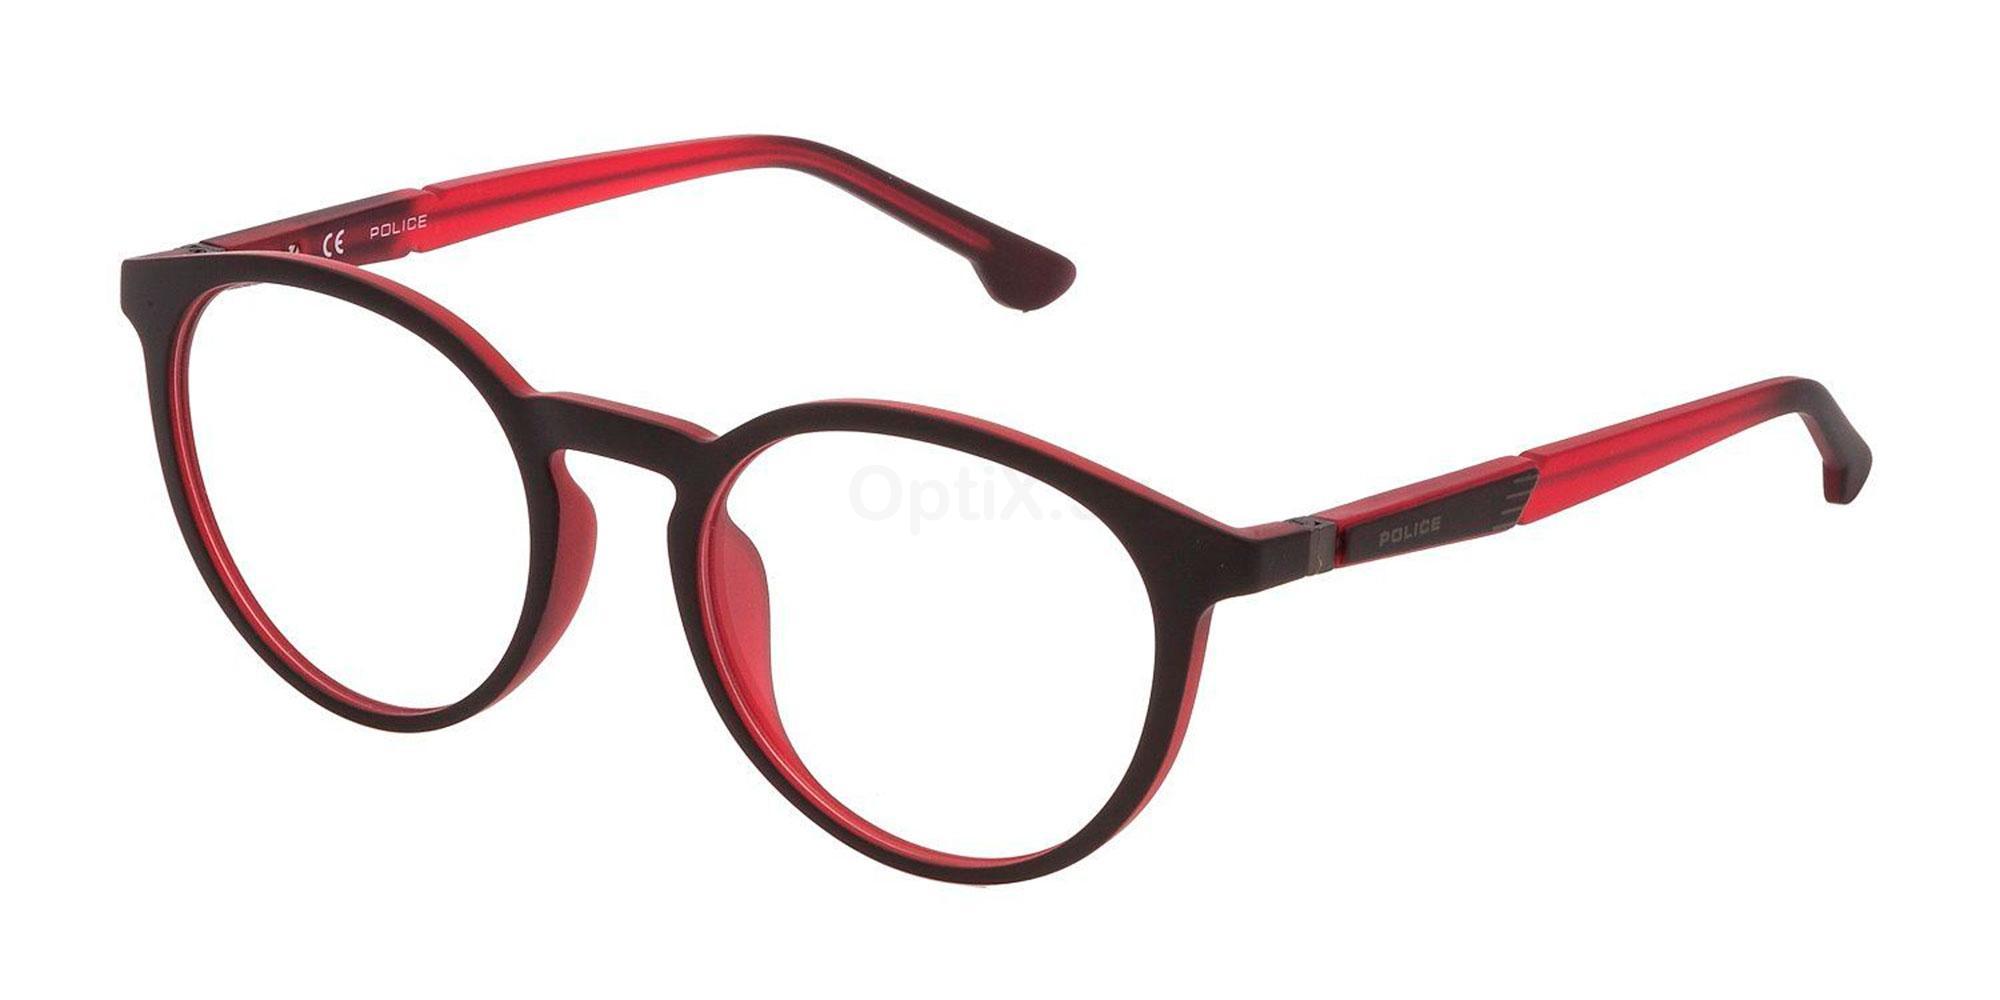 01BU VPL878 Glasses, Police